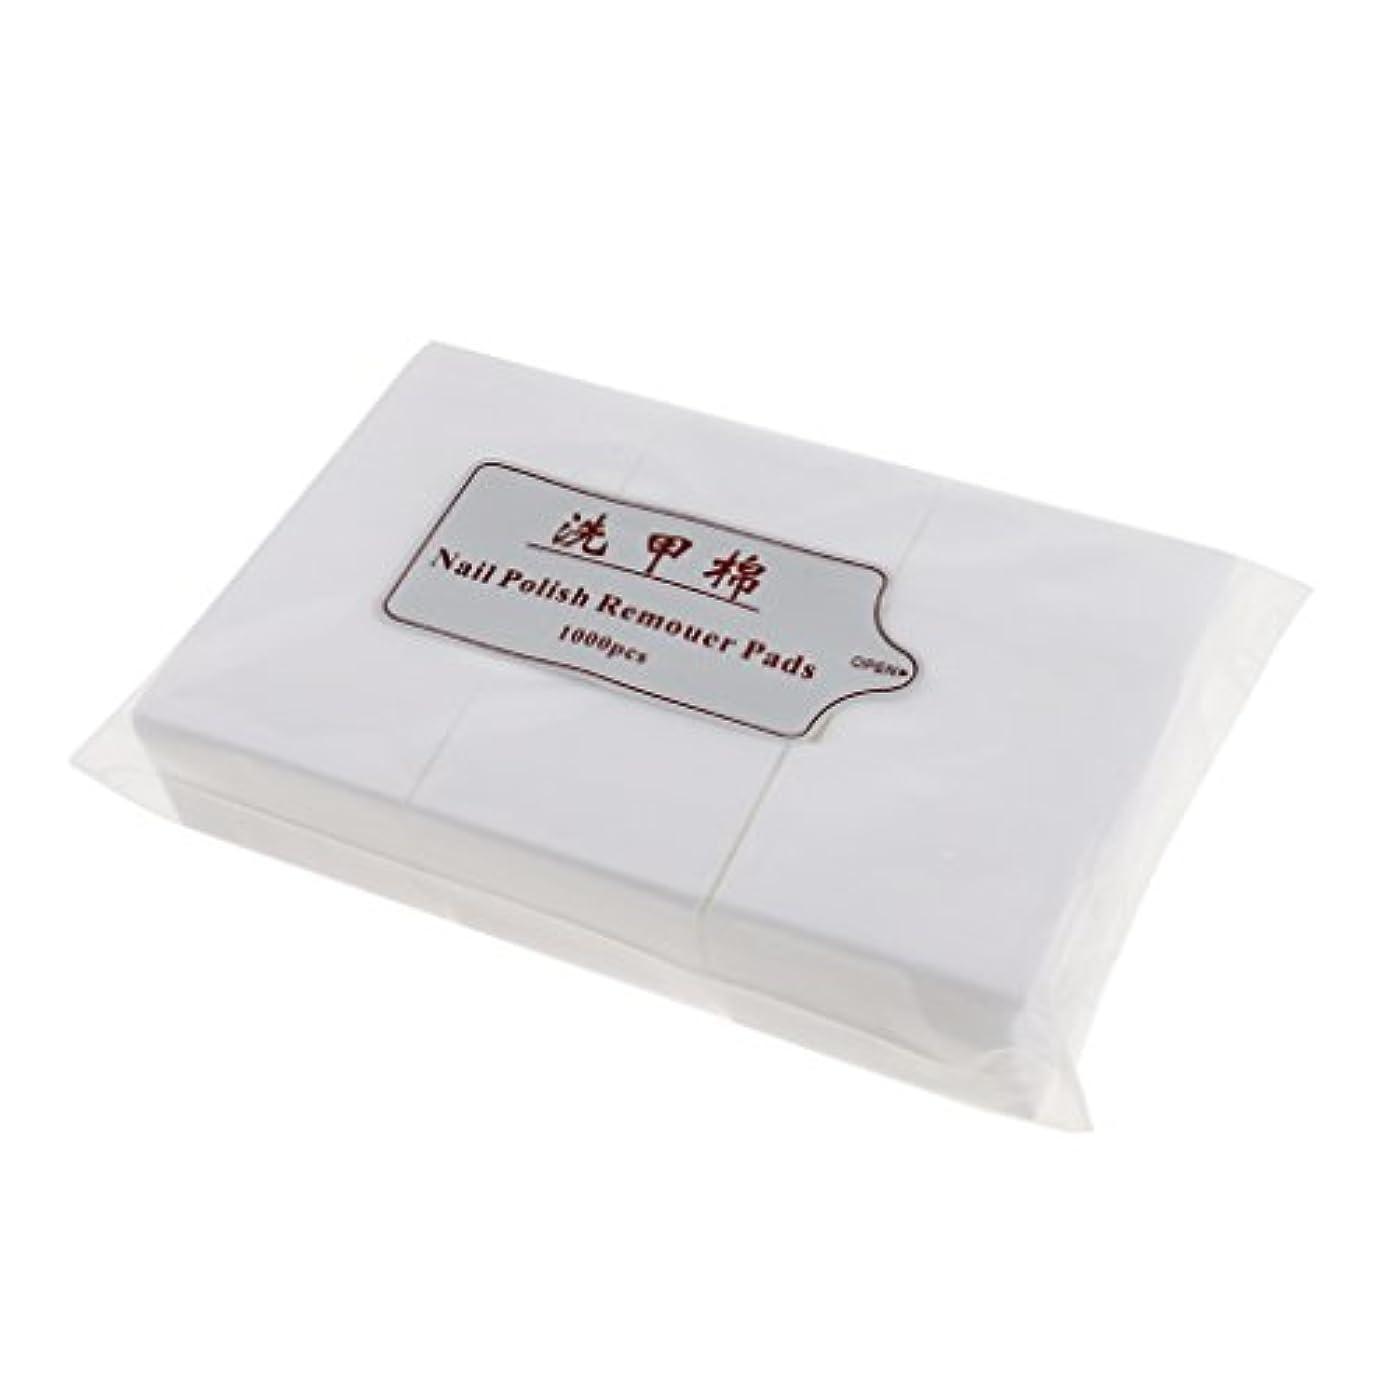 写真を描く突撃忌避剤約1000個 ネイルコットンパッド ネイルアートチップ パッド紙 マニキュア 吸水性 衛生的 ネイルサロン